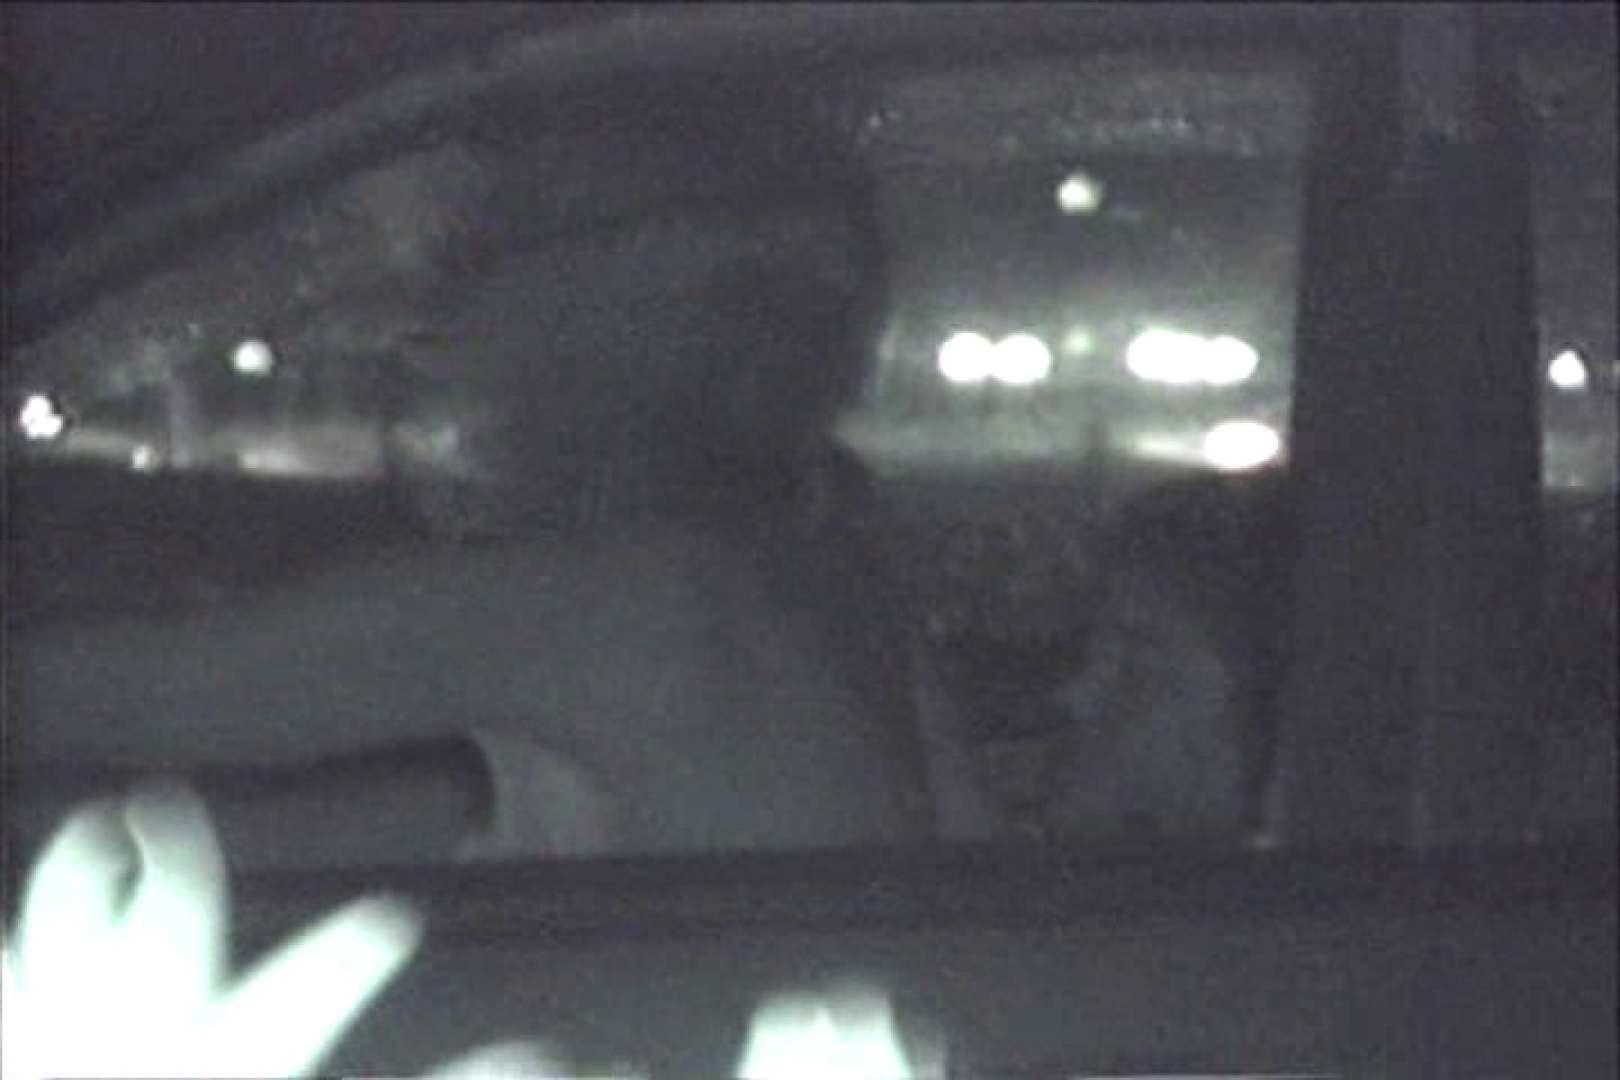 車の中はラブホテル 無修正版  Vol.18 喘ぎ 戯れ無修正画像 100pic 62